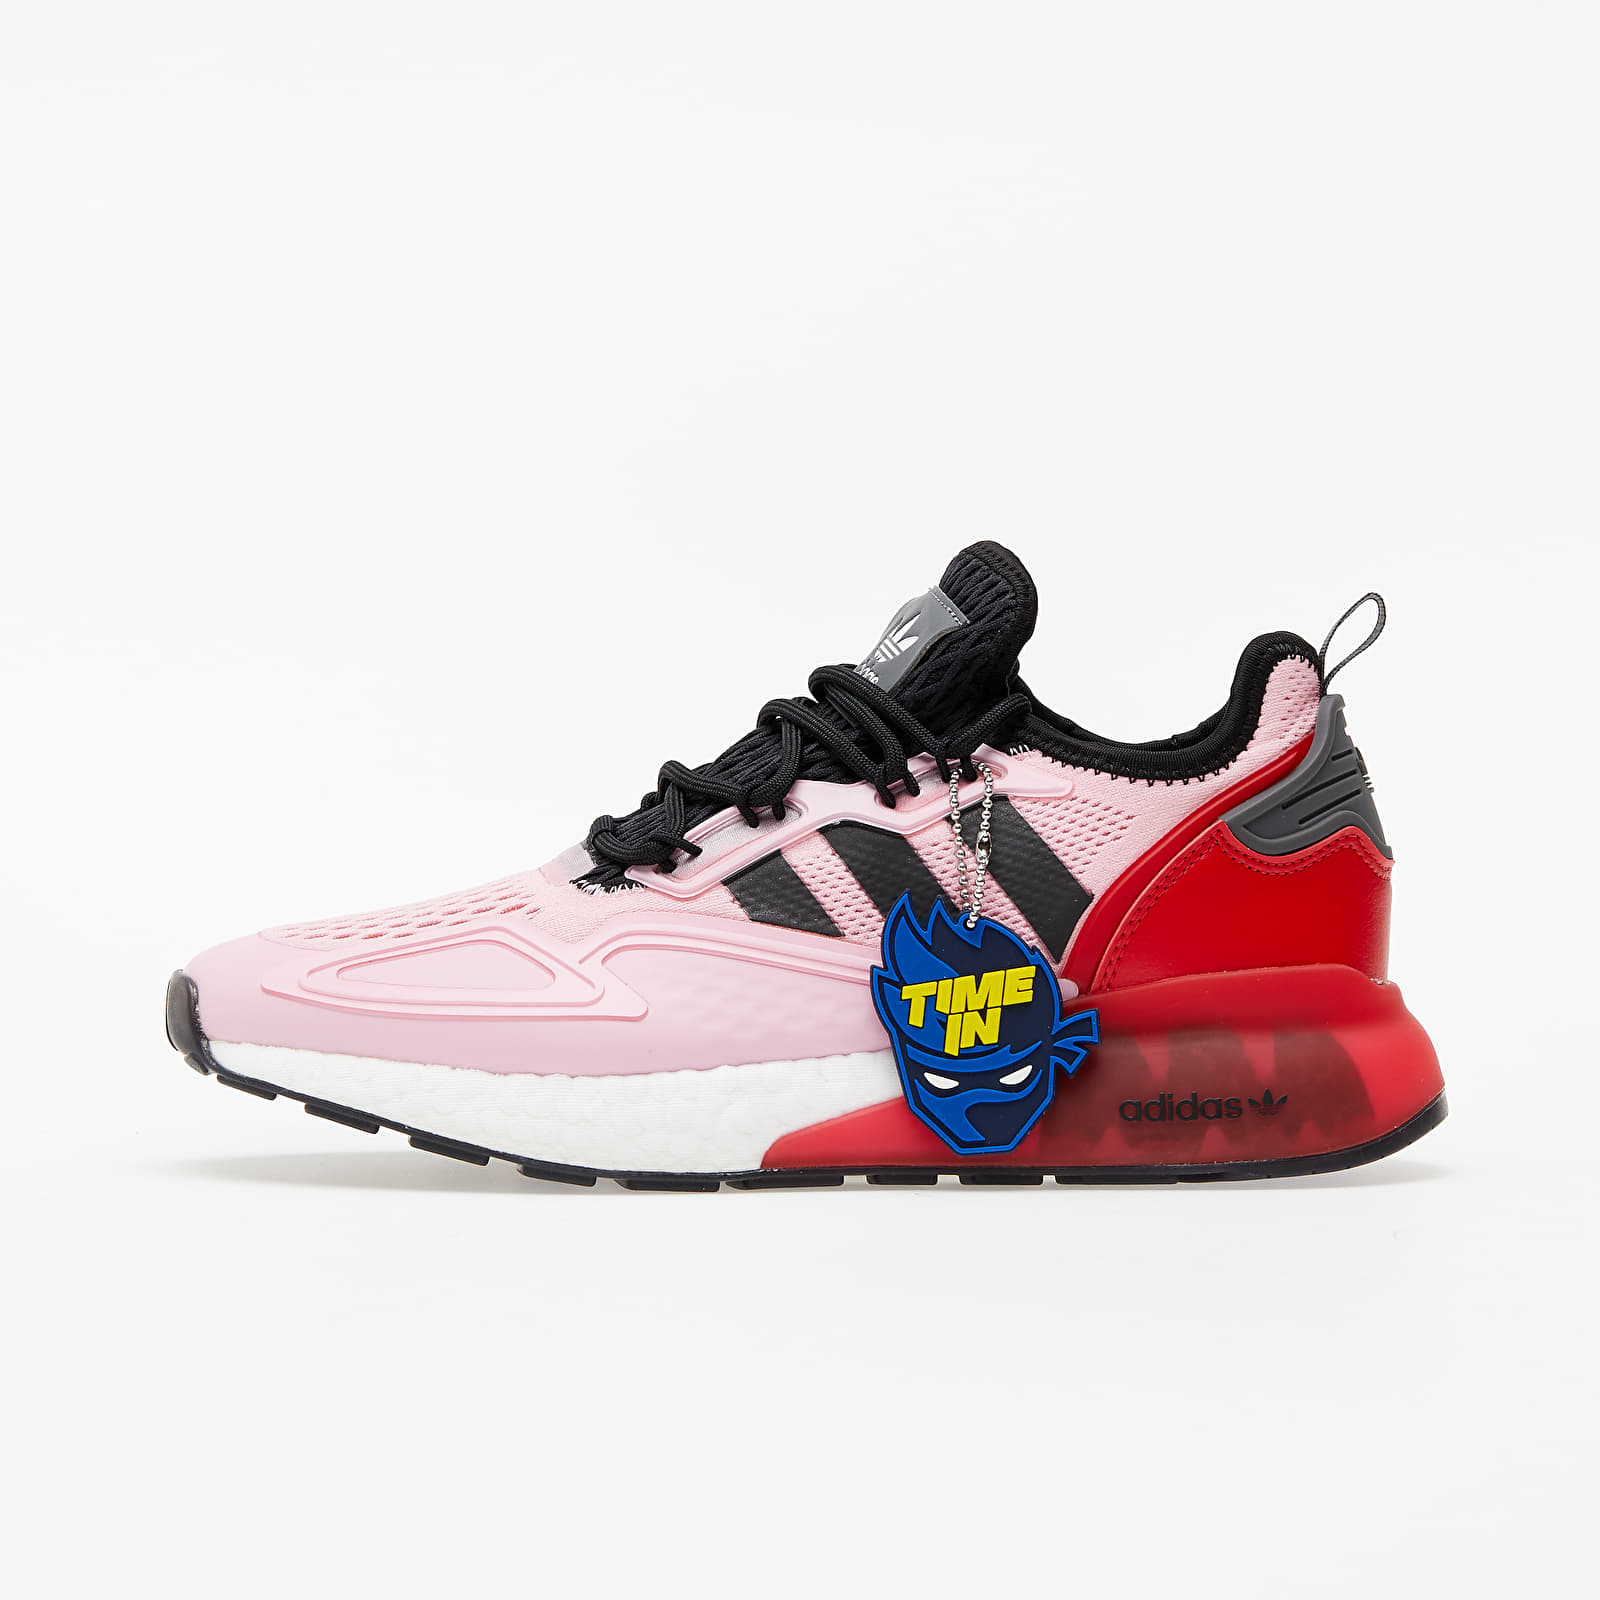 adidas x Ninja ZX 2K Boost True Pink/ Core Black/ Scarlet FZ0454